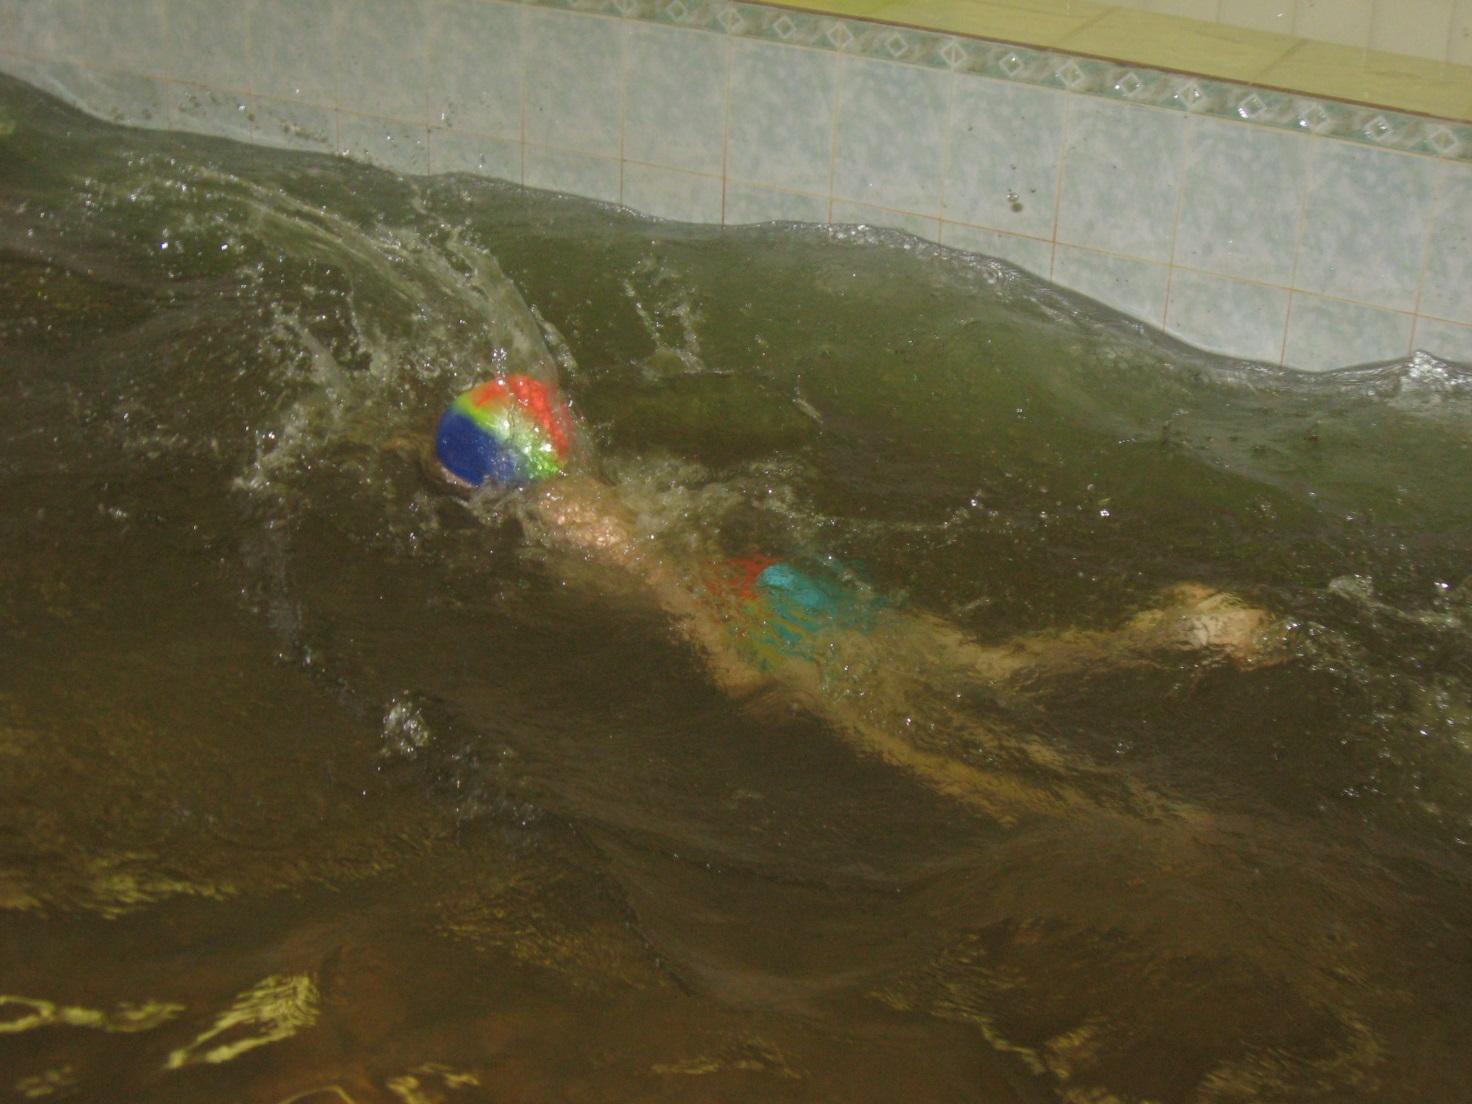 D:\упражнения в бассейне май 2010\упражнения в бассейне май 2010 033.jpg